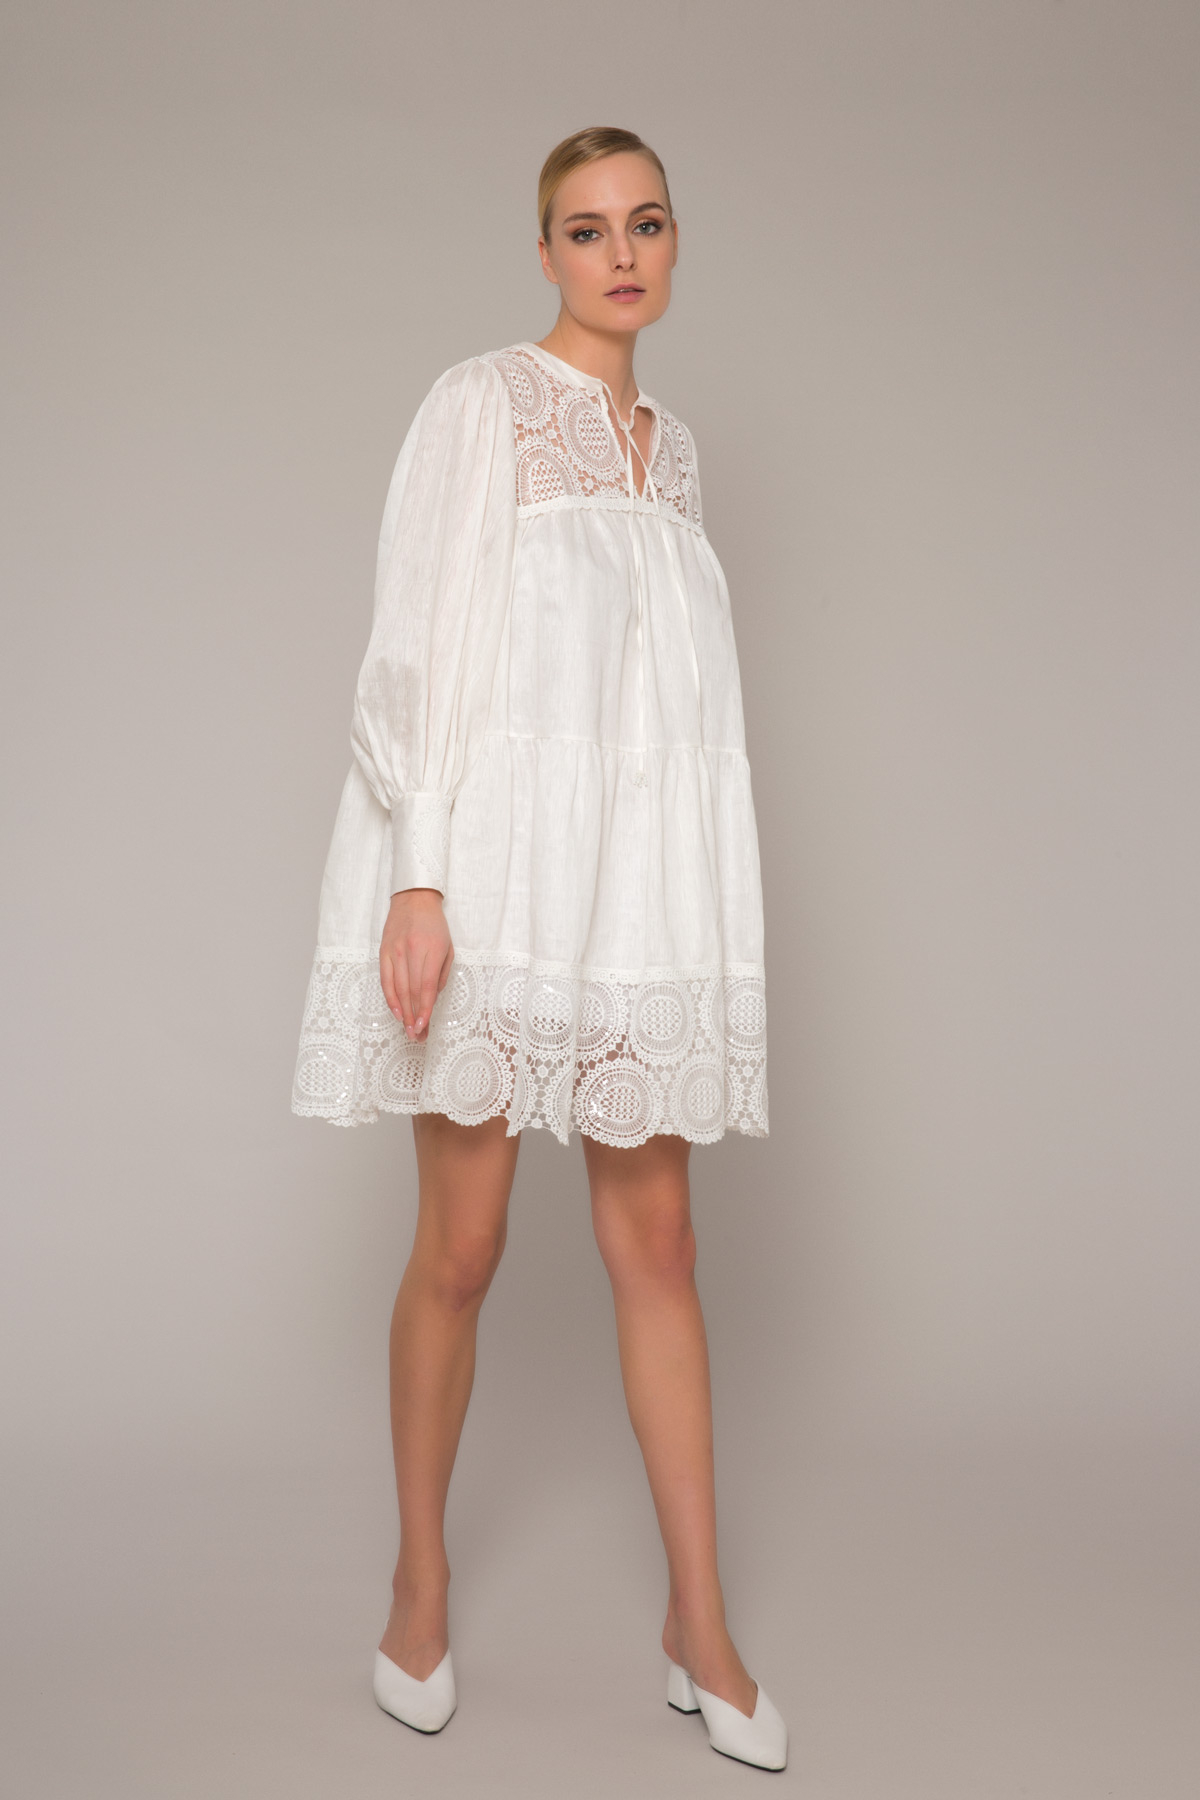 Dantel Detaylı Geniş Kesim Beyaz Mini Elbise